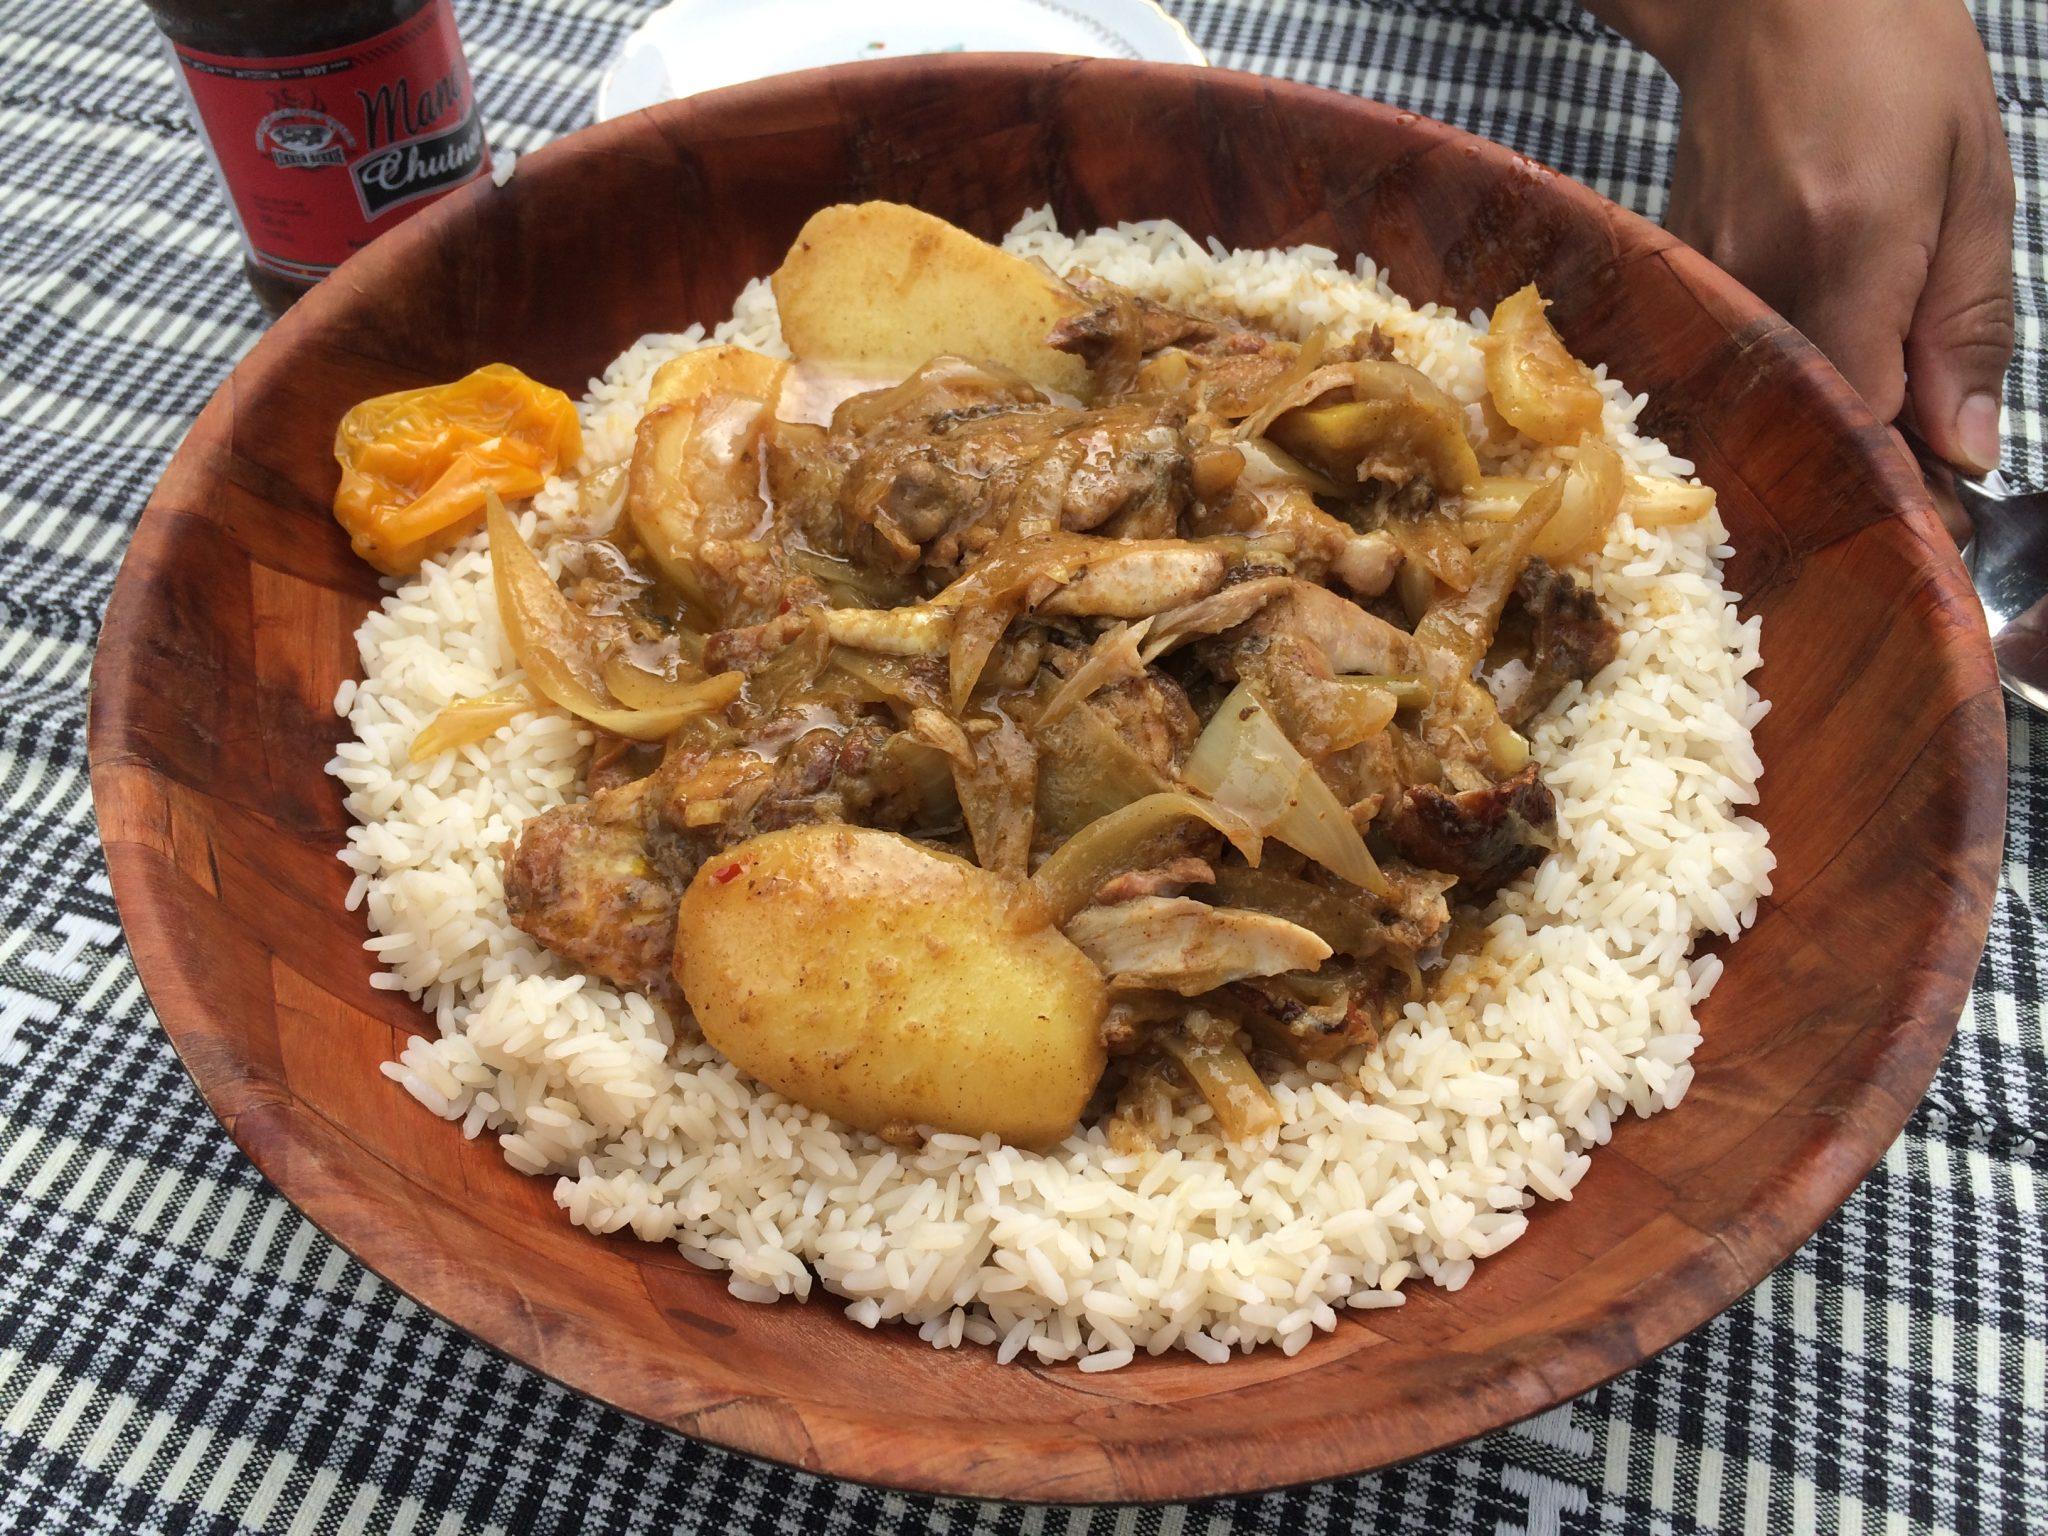 We hebben inmiddels meer dan 20 Afikaanse recepten gemaakt, maar dit blijft een favoriet: Senegalese Yassa